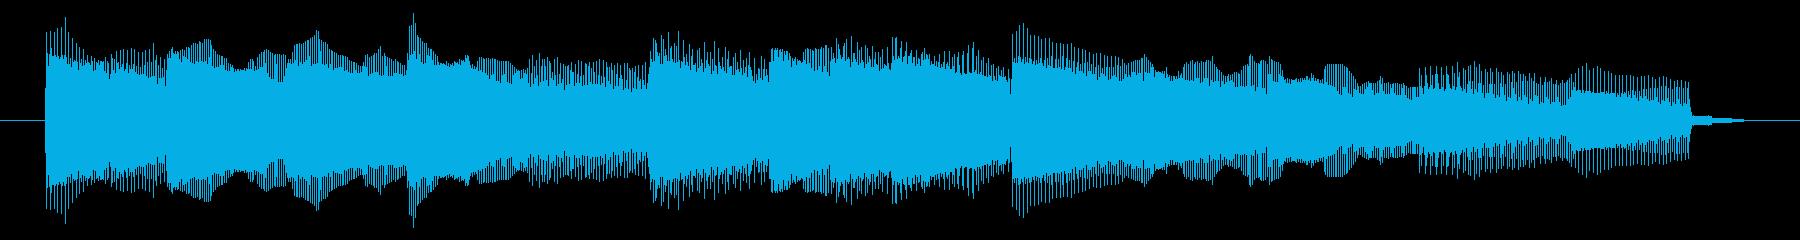 GB風シューティングのジングルの再生済みの波形